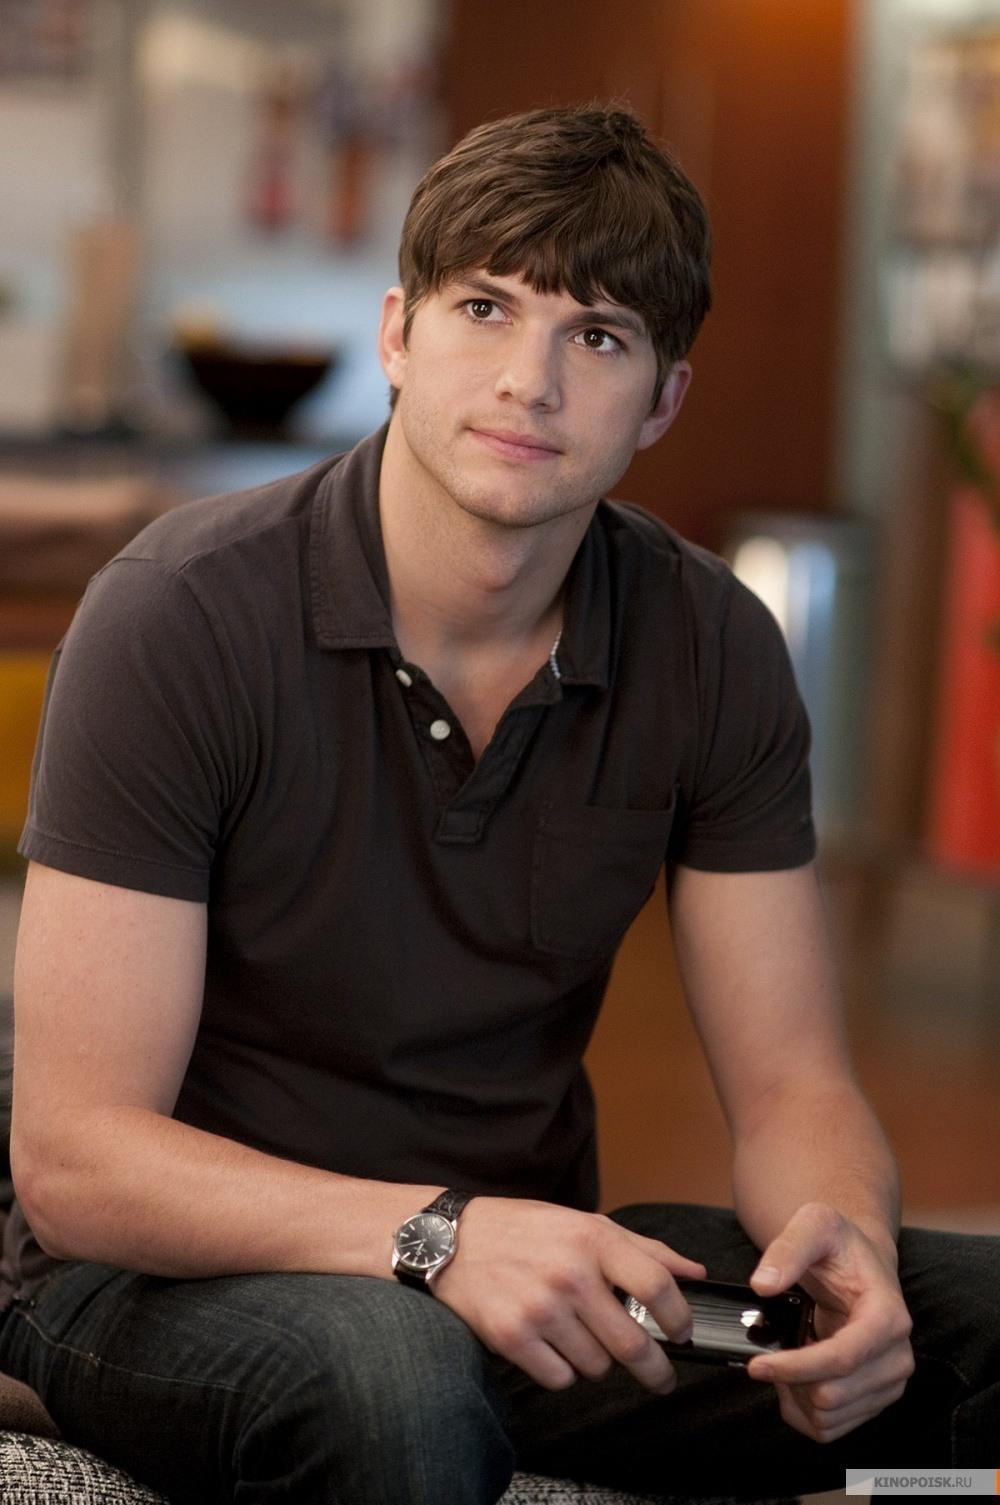 Ashton Kutcher   Actor-Model Profile and Photos 2012   Hollywood Ashton Kutcher